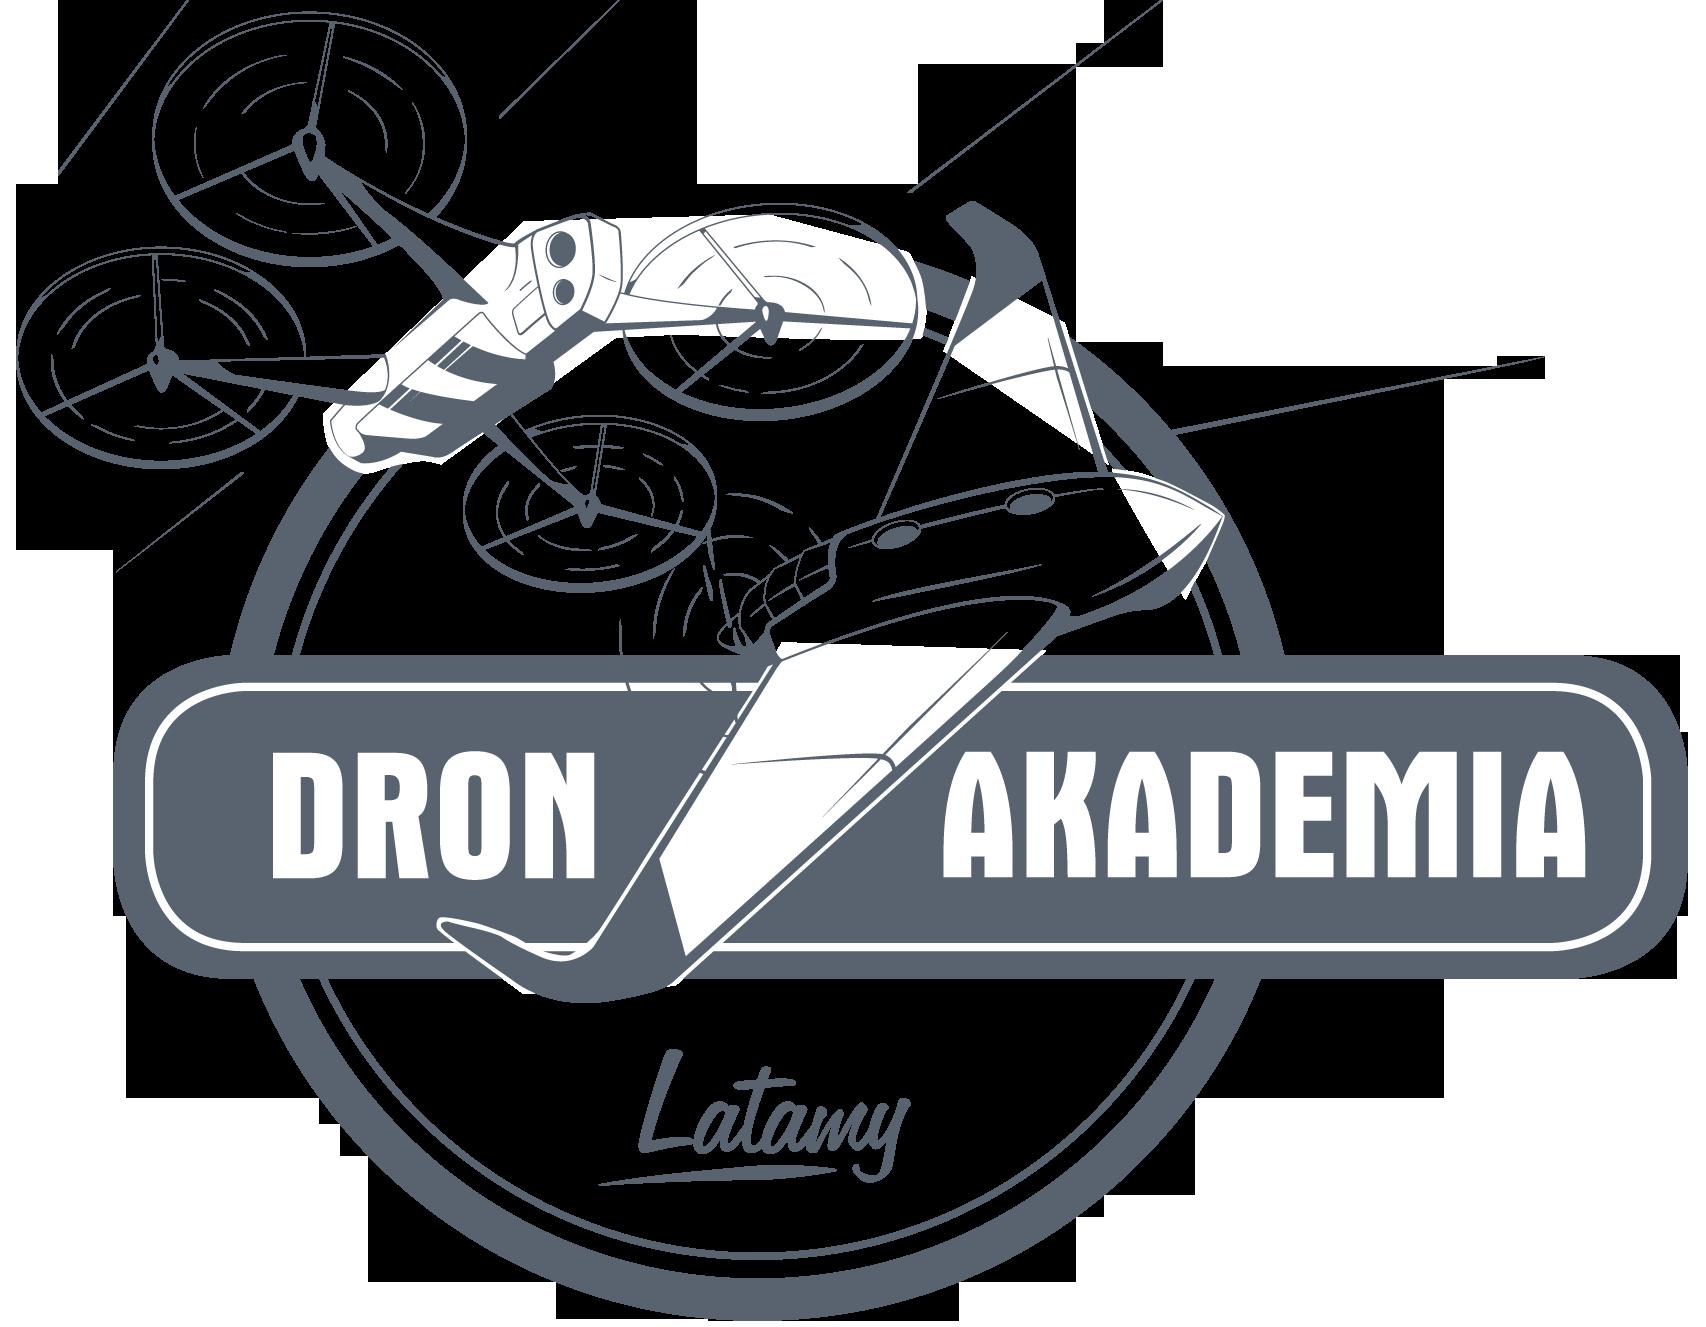 Dron Akademia